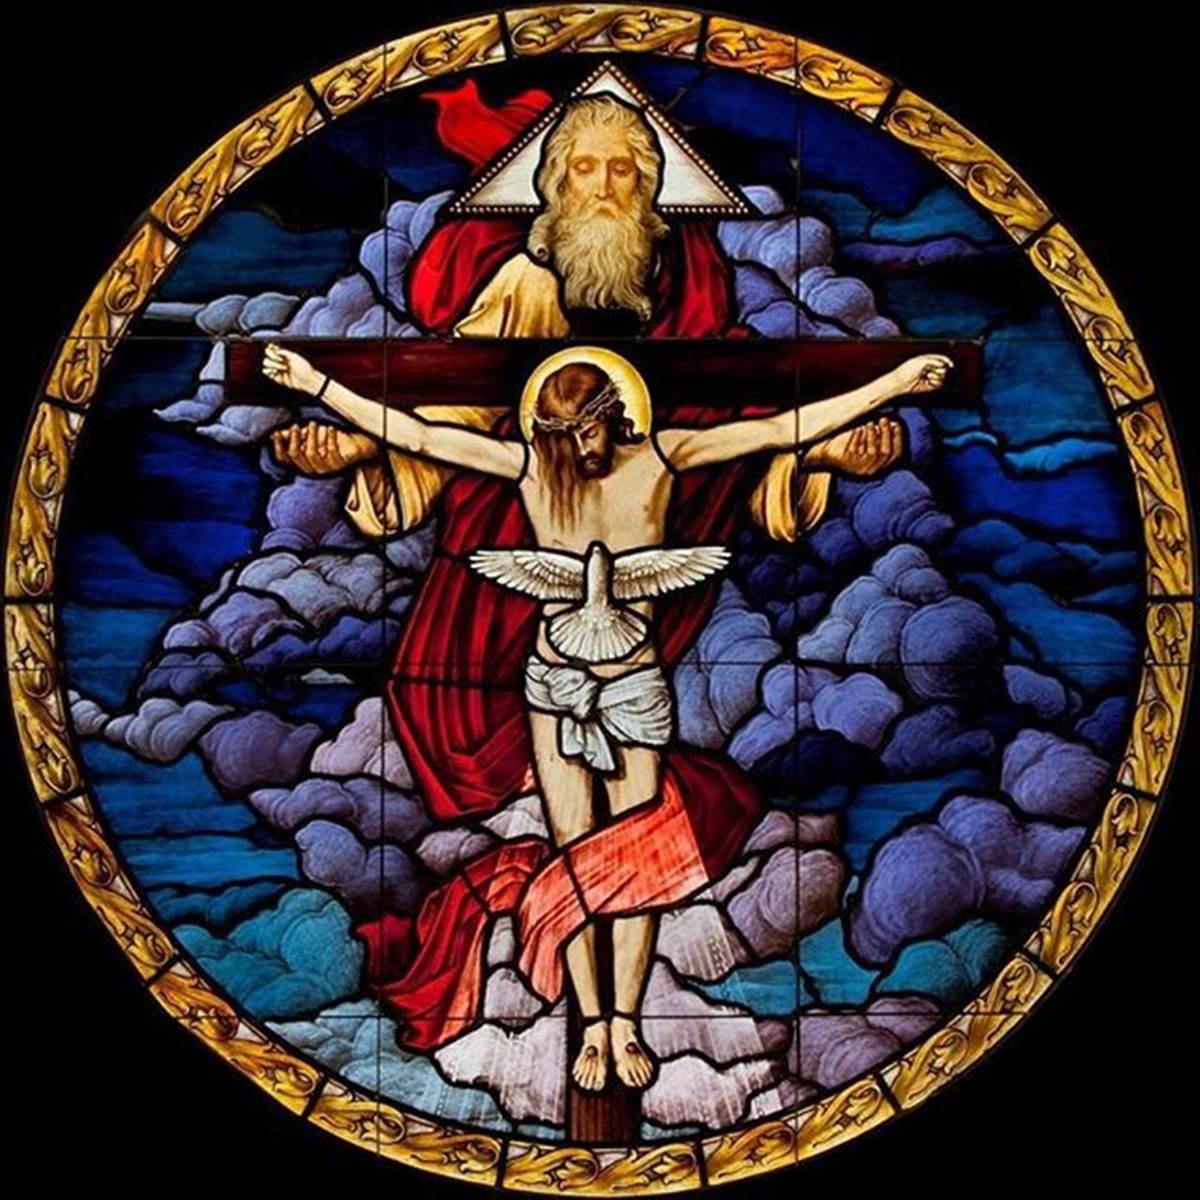 Xin cho chúng con thấy Chúa Cha (10.5.2020 – Chúa Nhật 5 Phục Sinh, Năm A)